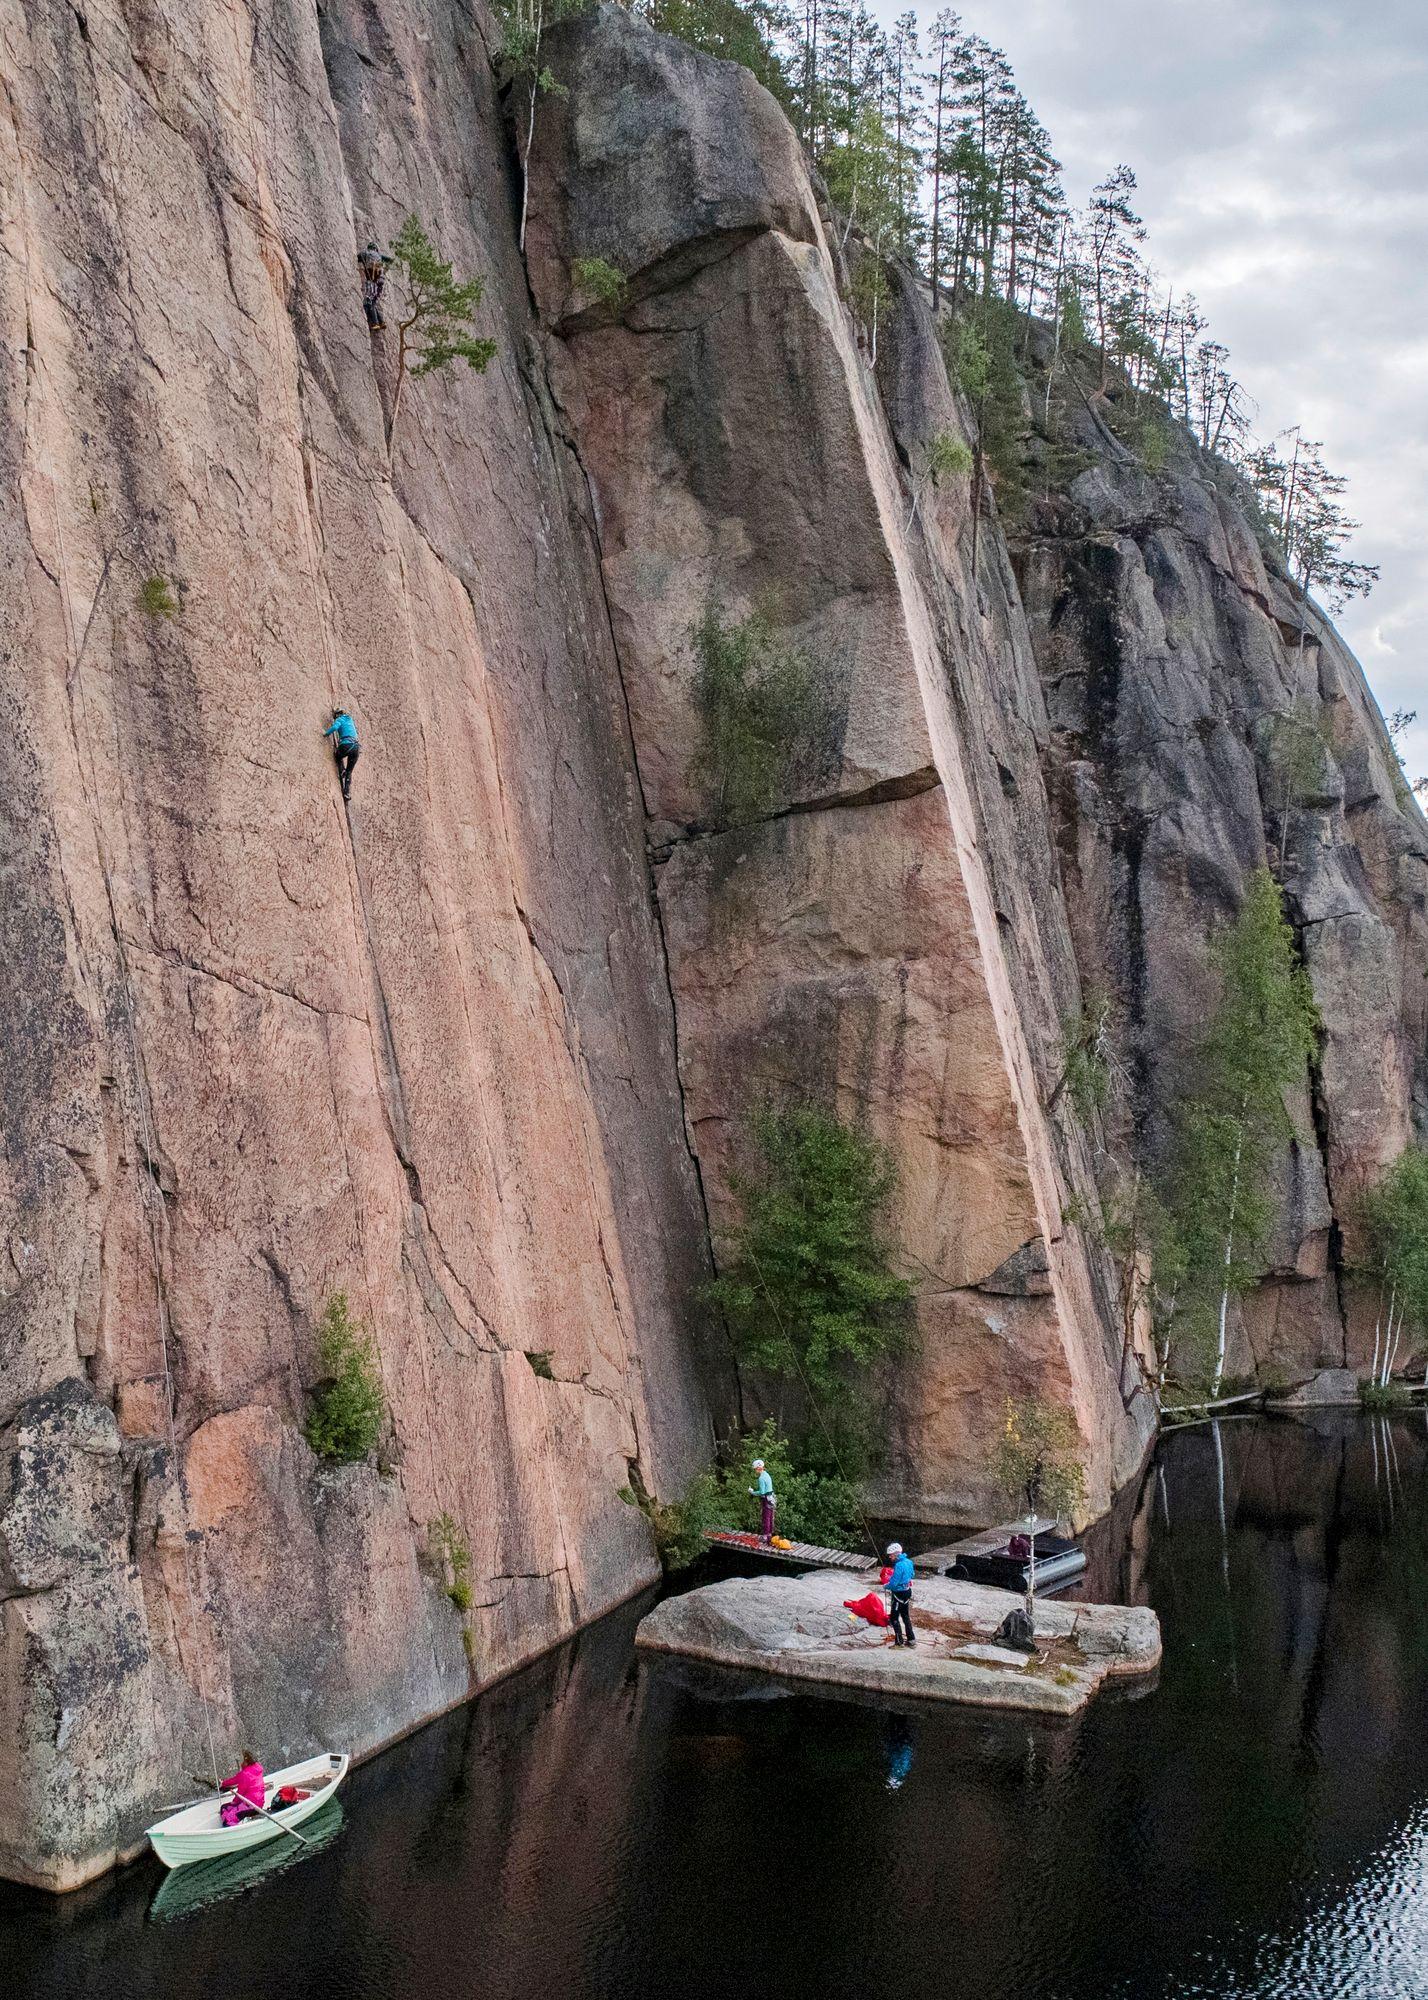 Paula osaa vaikka unissaan kasisolmun, joka on vuorilla elinehto. Köysiin on pakko luottaa. © Tommi Mattila